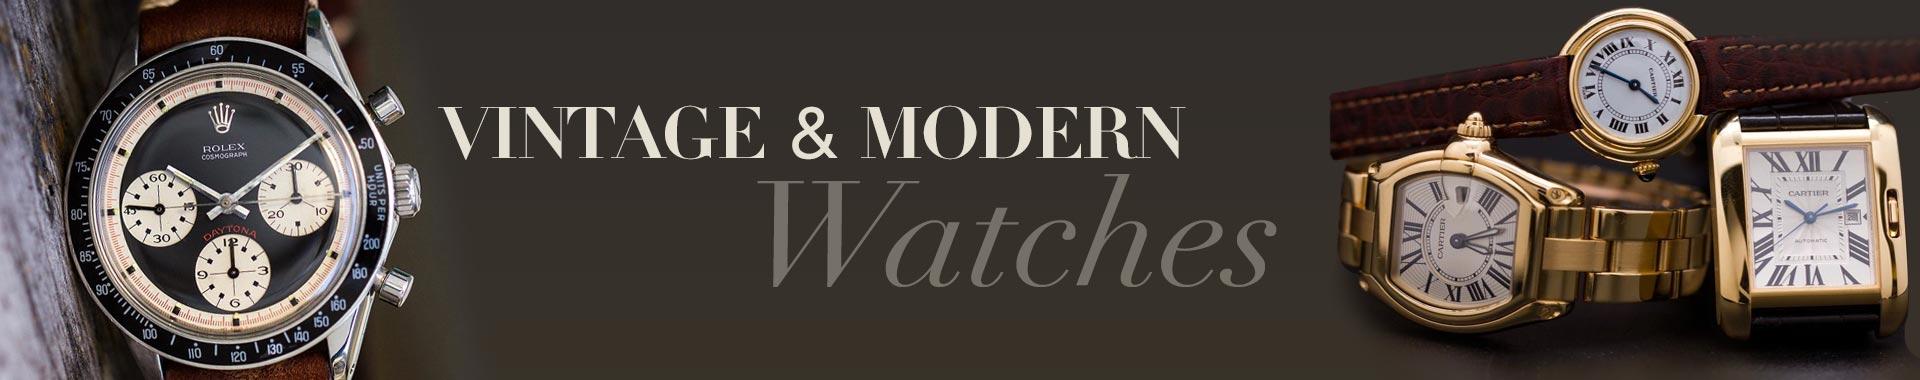 vintage modern watches 1